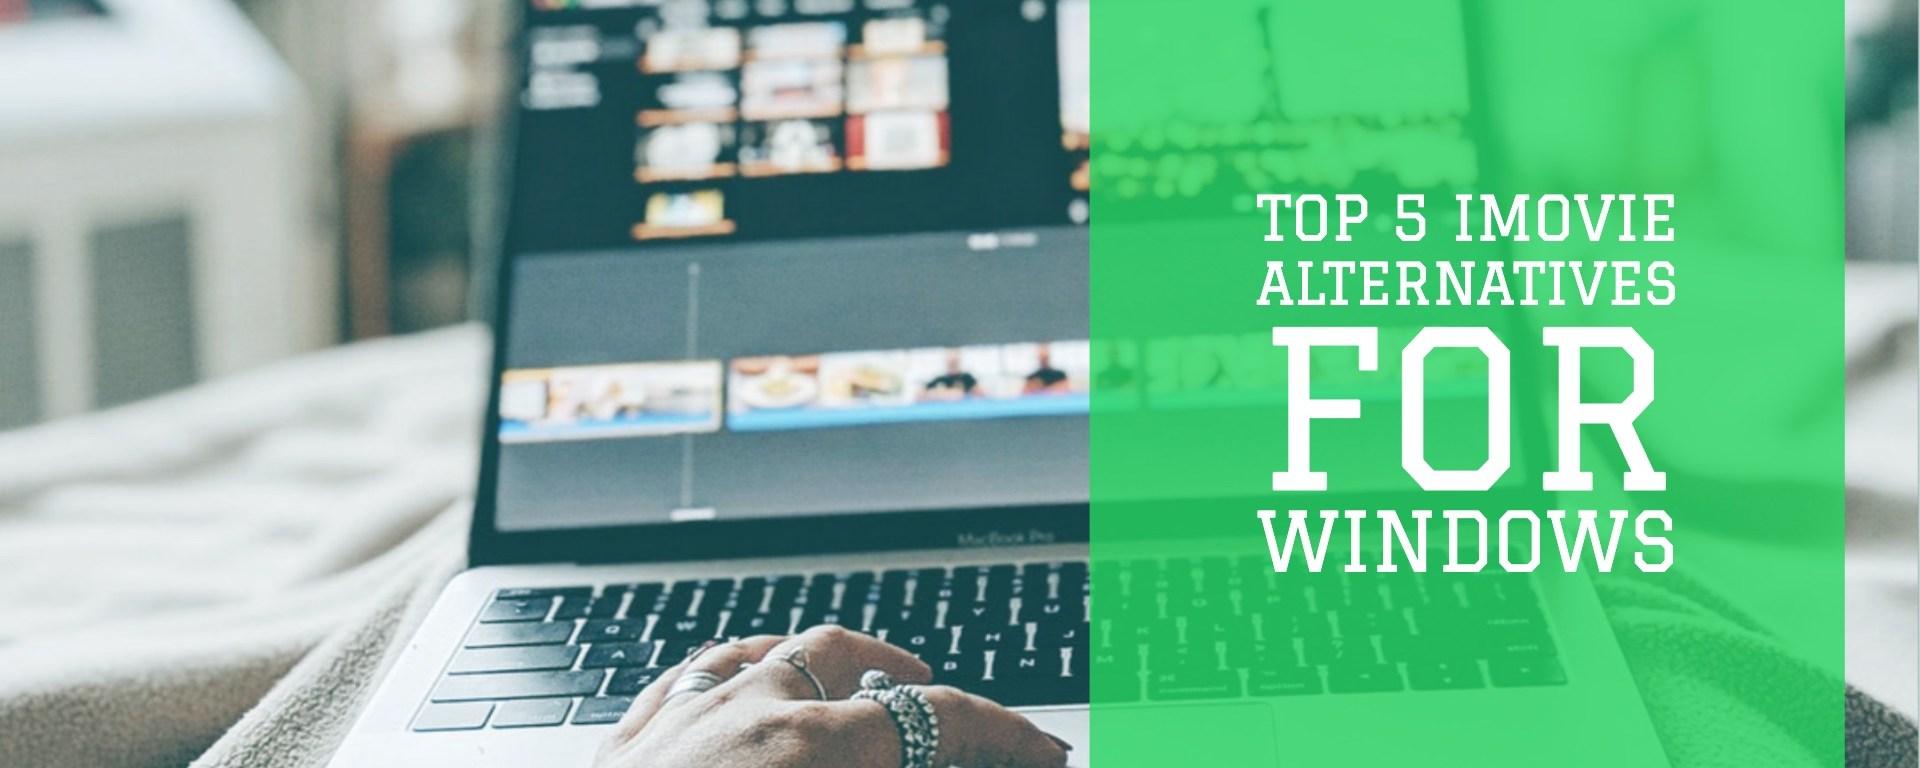 iMovie for Windows: Top 5 Best iMovie Alternatives